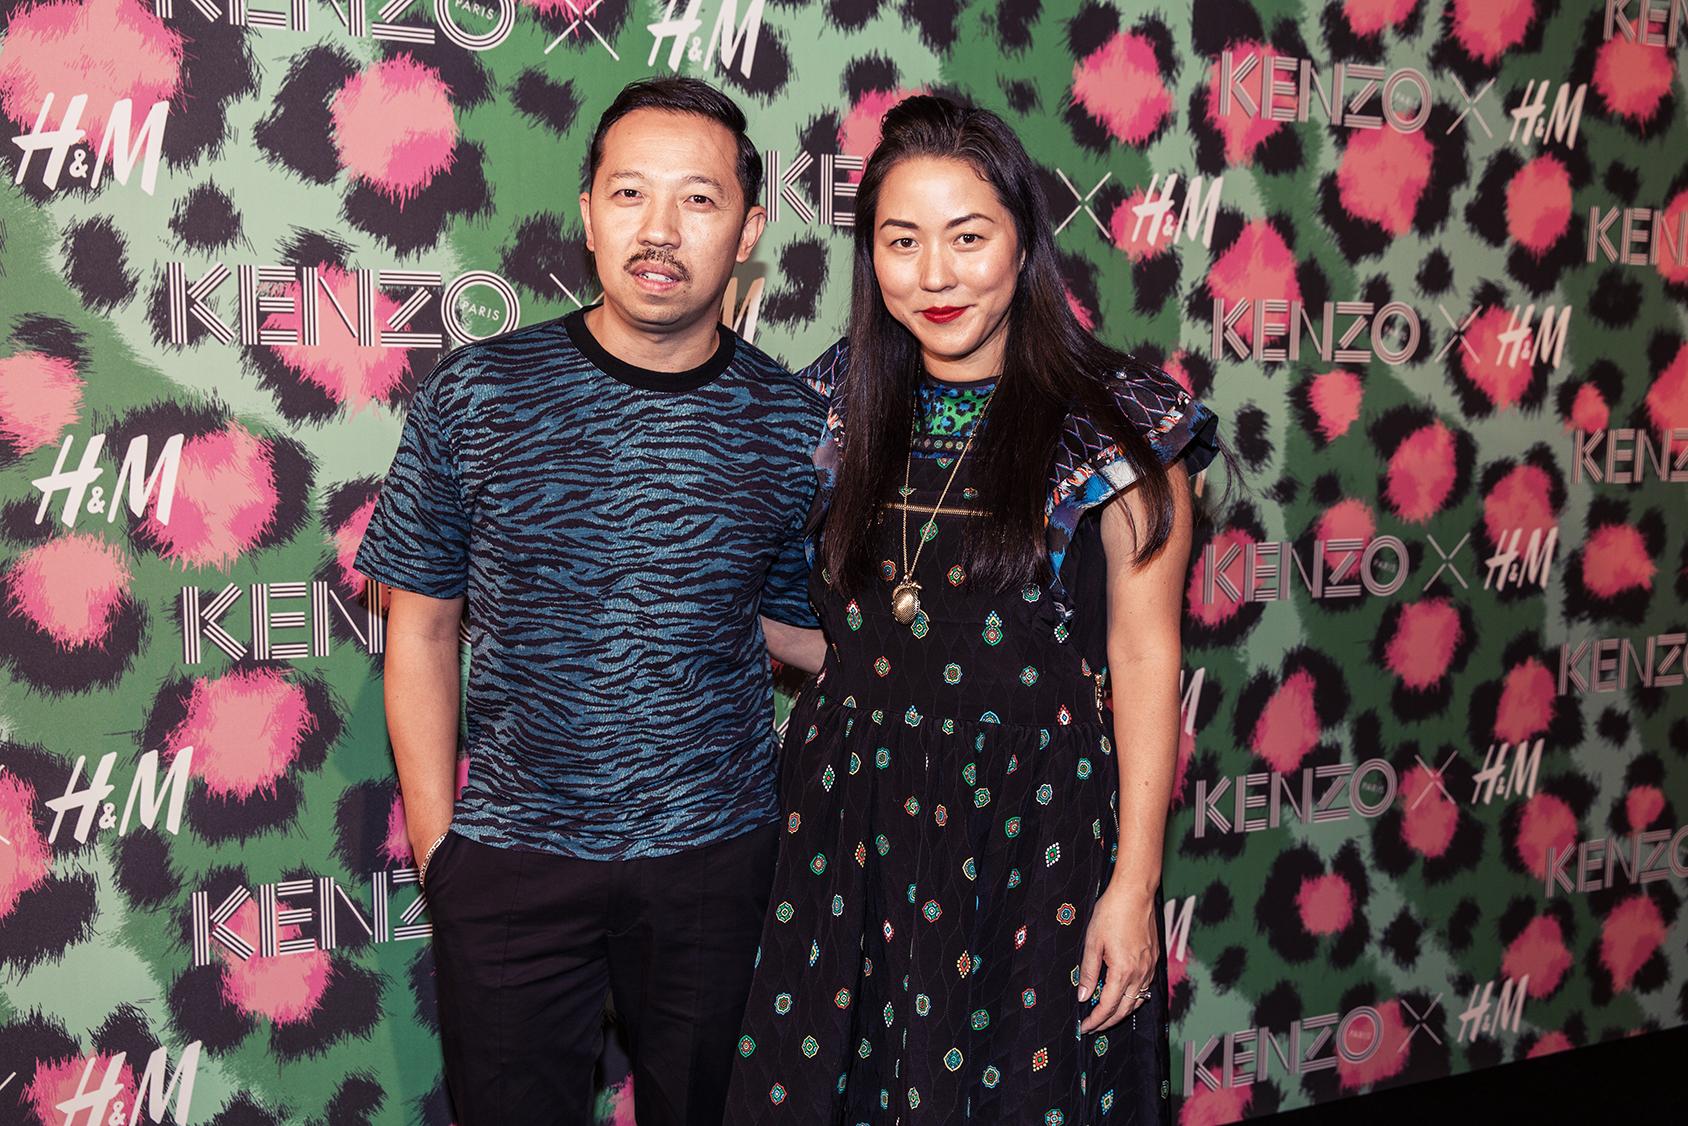 Les directeurs artistiques Carol Lim et Humberto Leon sur le tapis rouge du la soirée de lancement Kenzo x H&M.